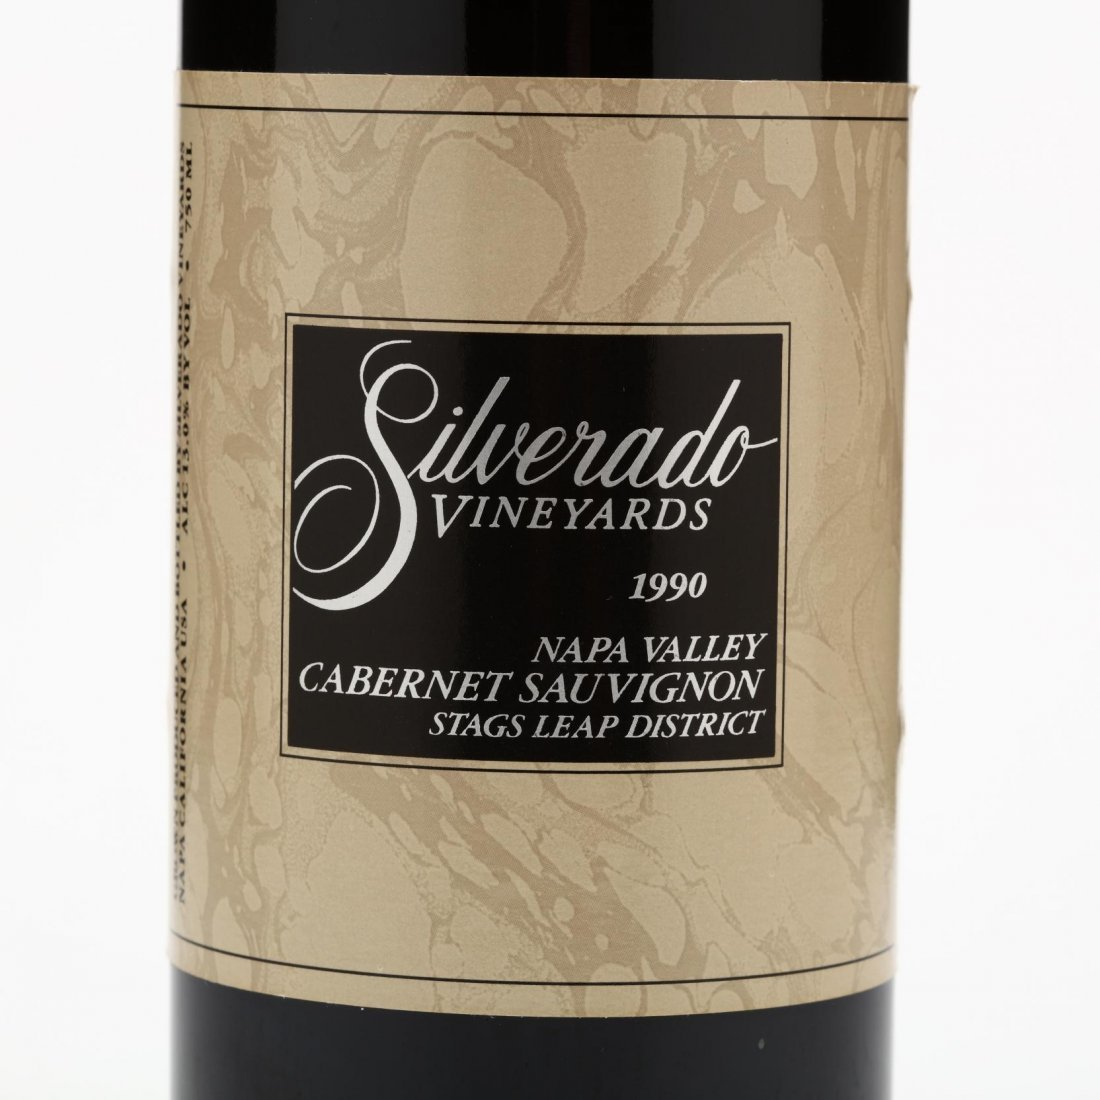 Silverado Vineyards - Vintage 1990 - 2